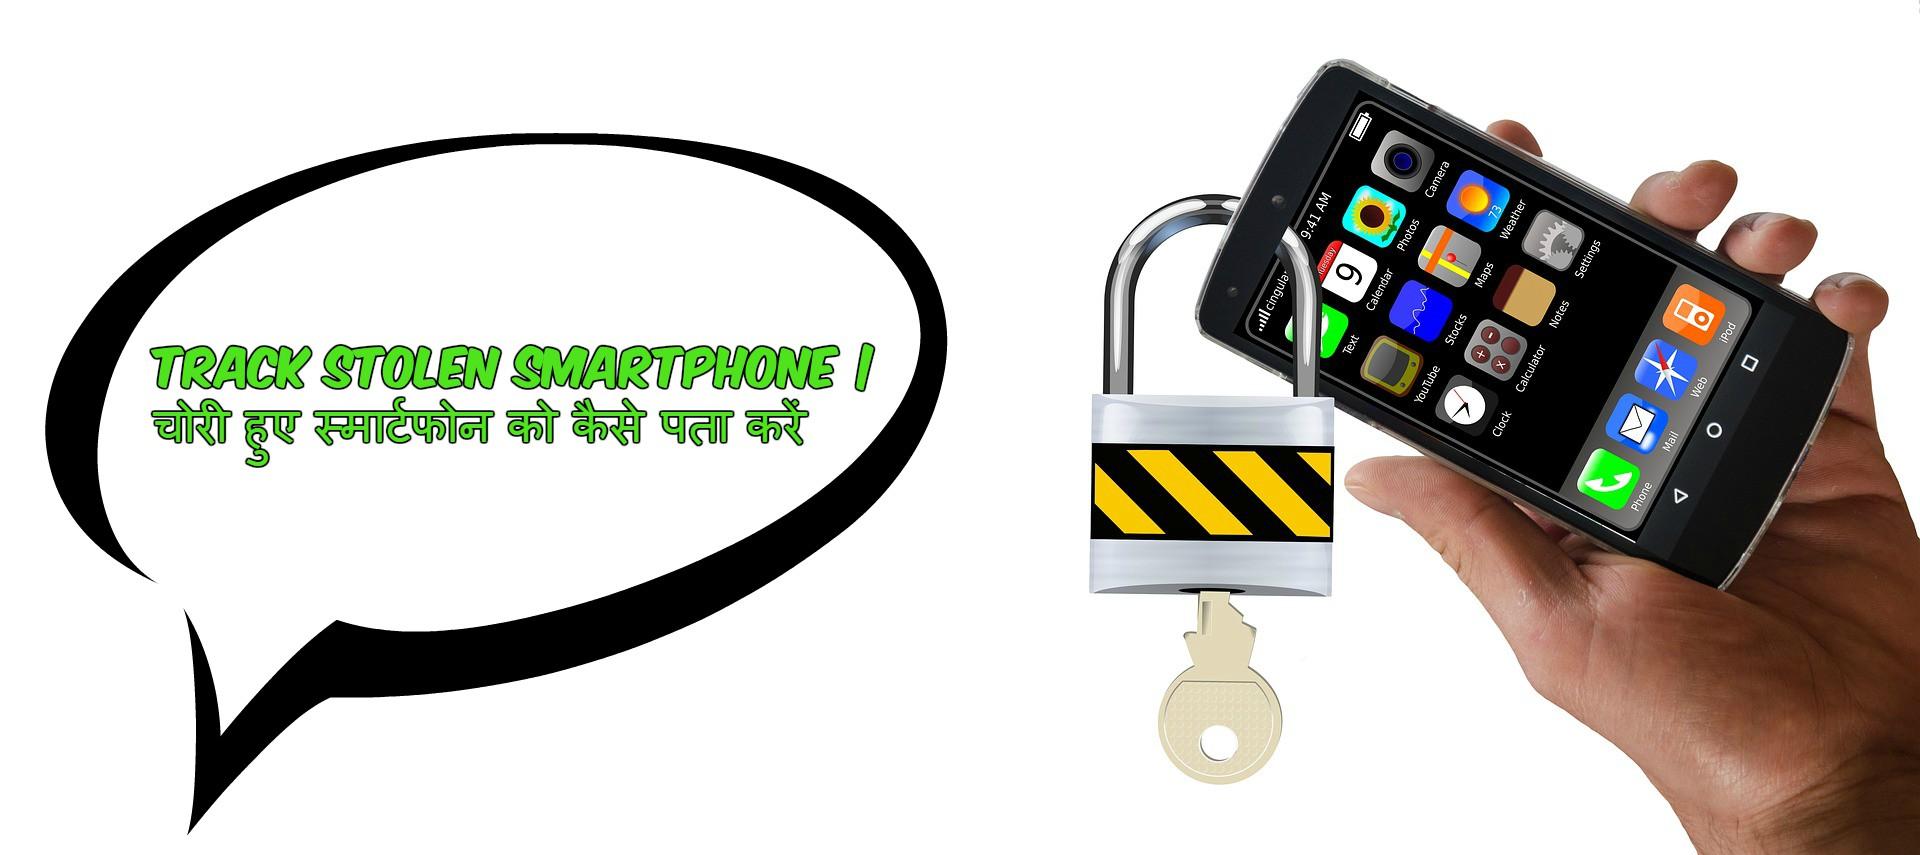 Track Stolen Smartphone